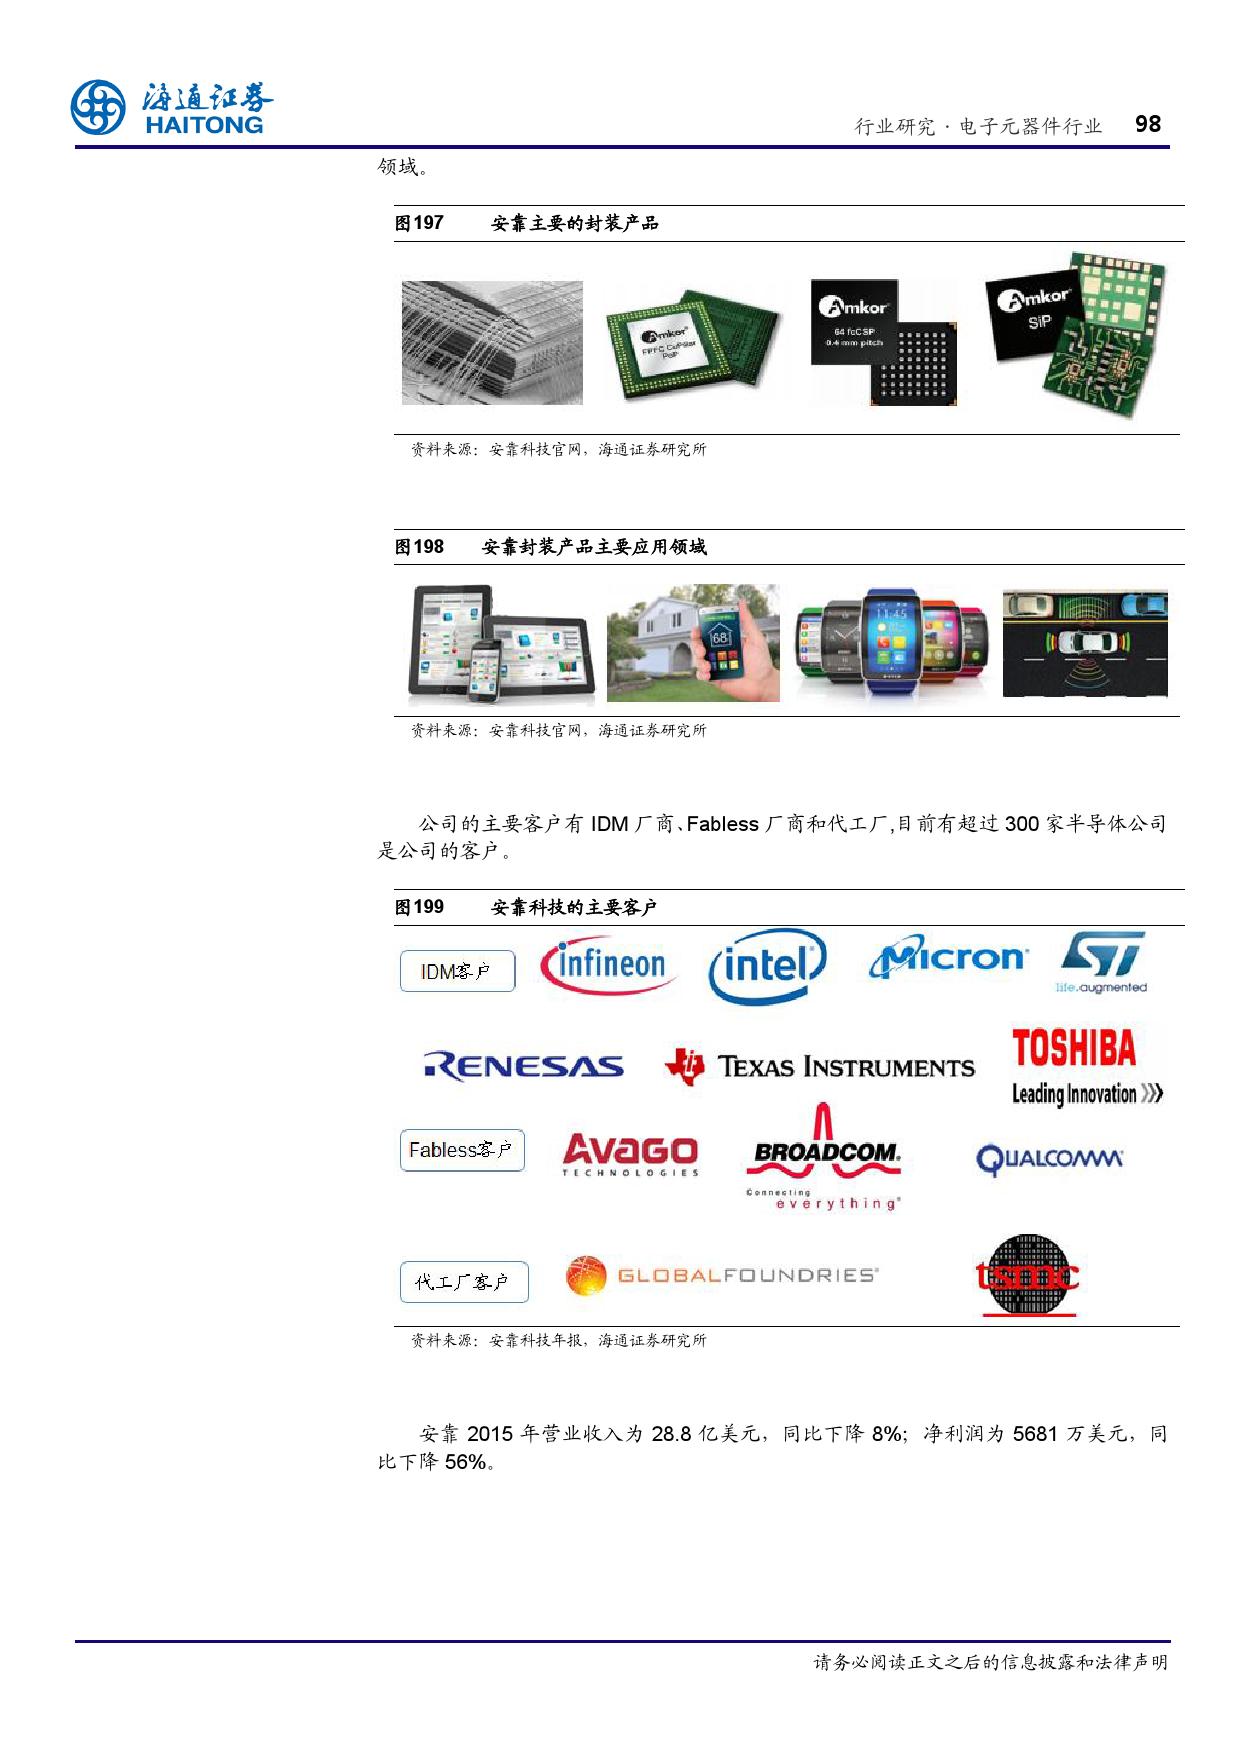 报告全解传感器全球产业链_000098